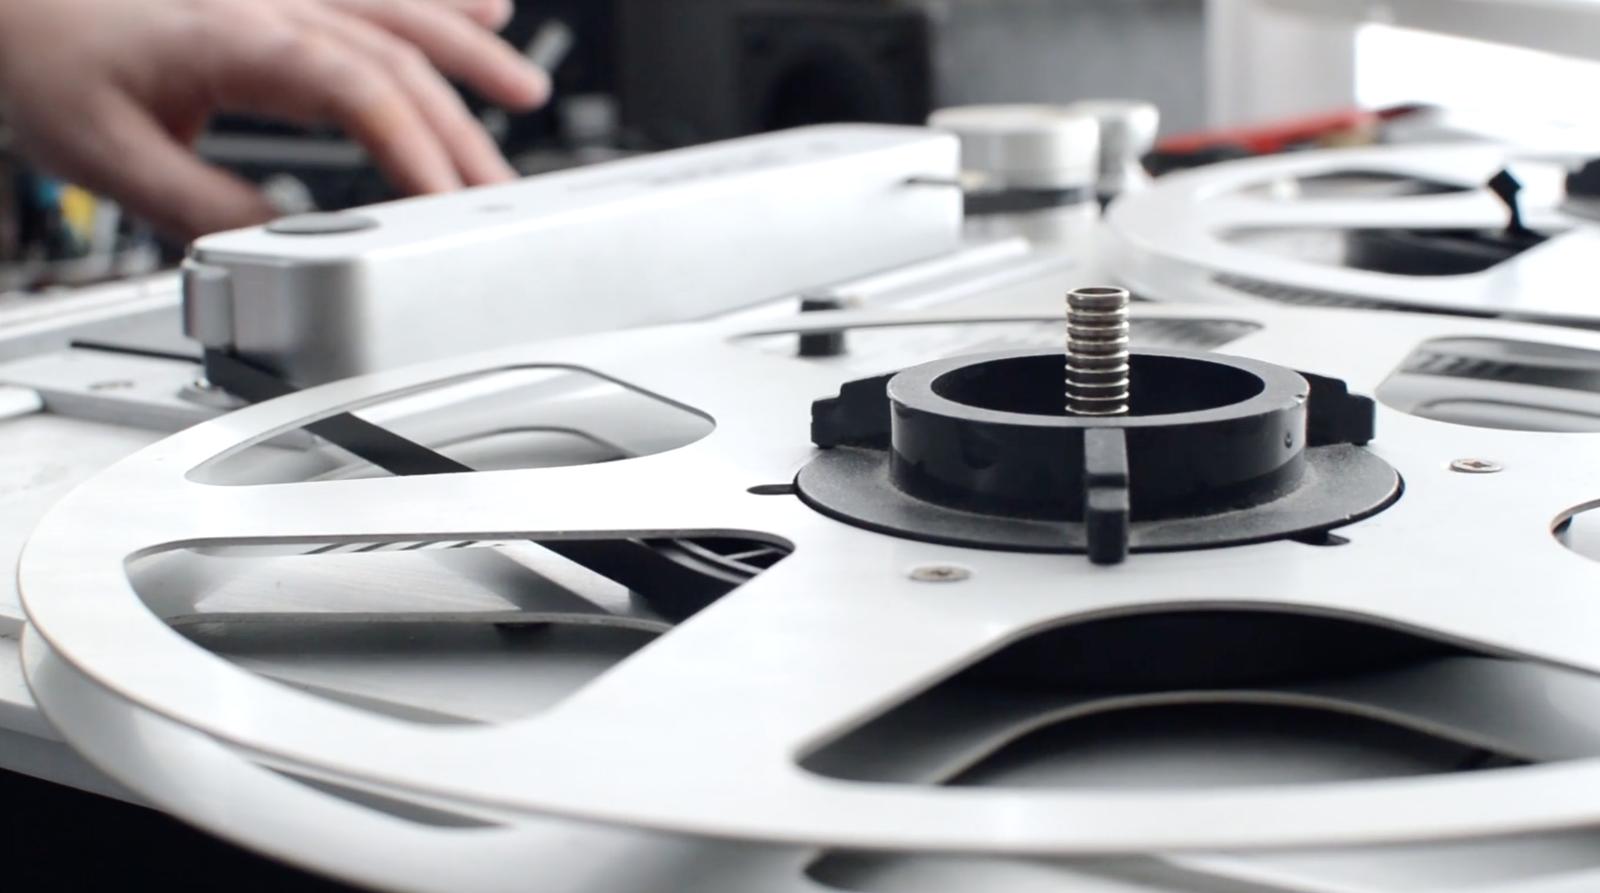 Hearing Hidden Worlds – An Interview with a Musique Concrete Artist